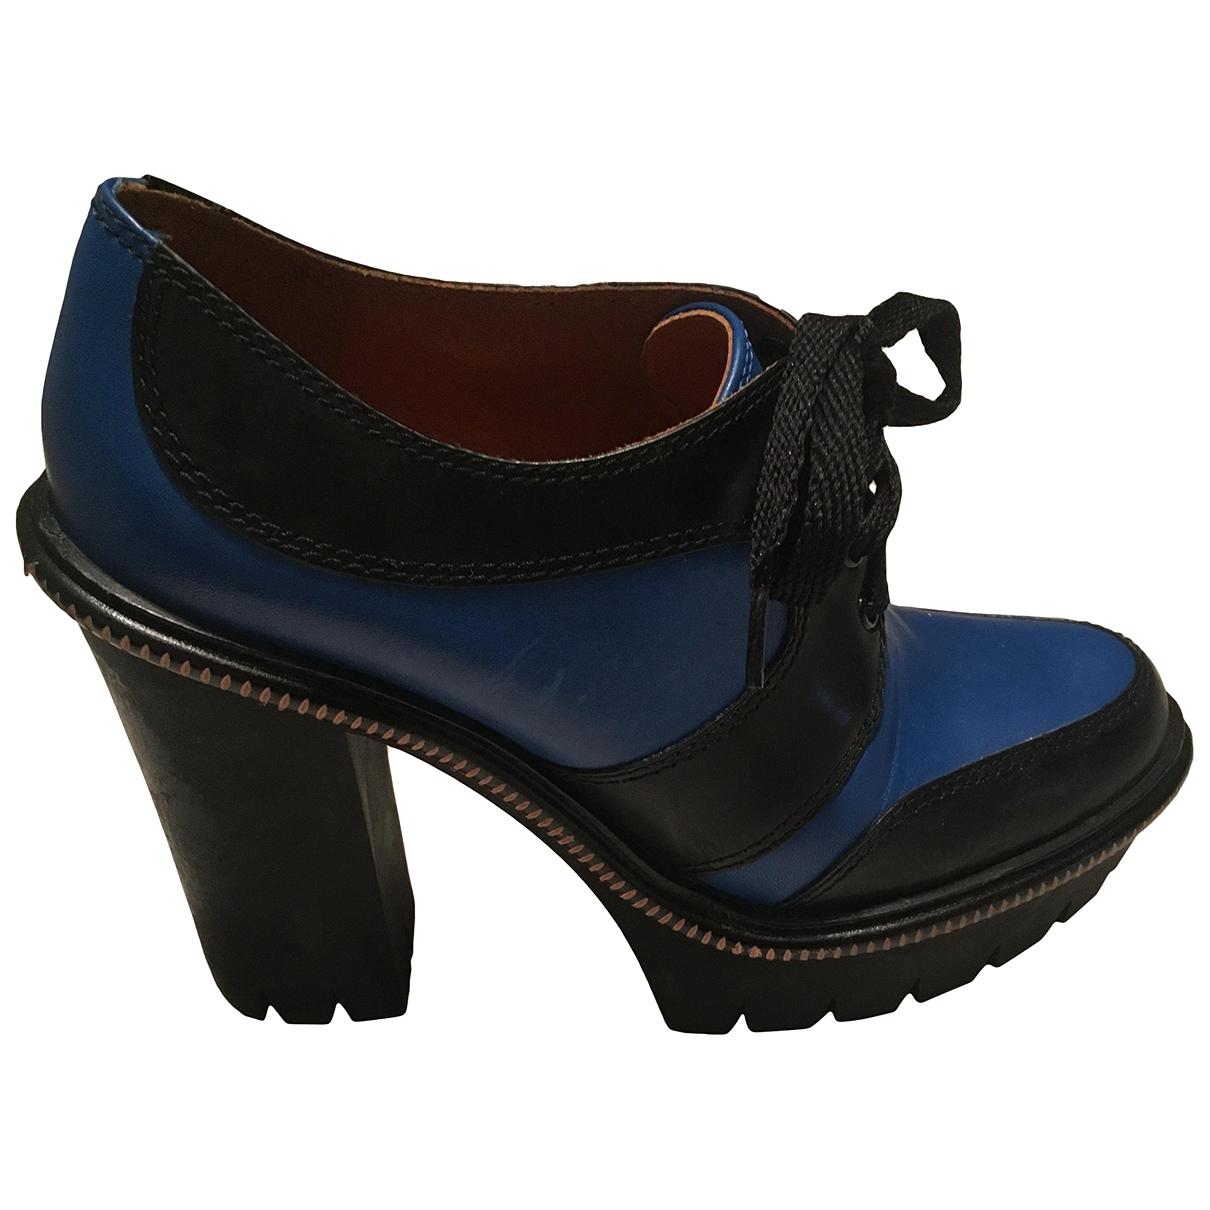 Marc Jacobs - Boots   pour femme en cuir - multicolore